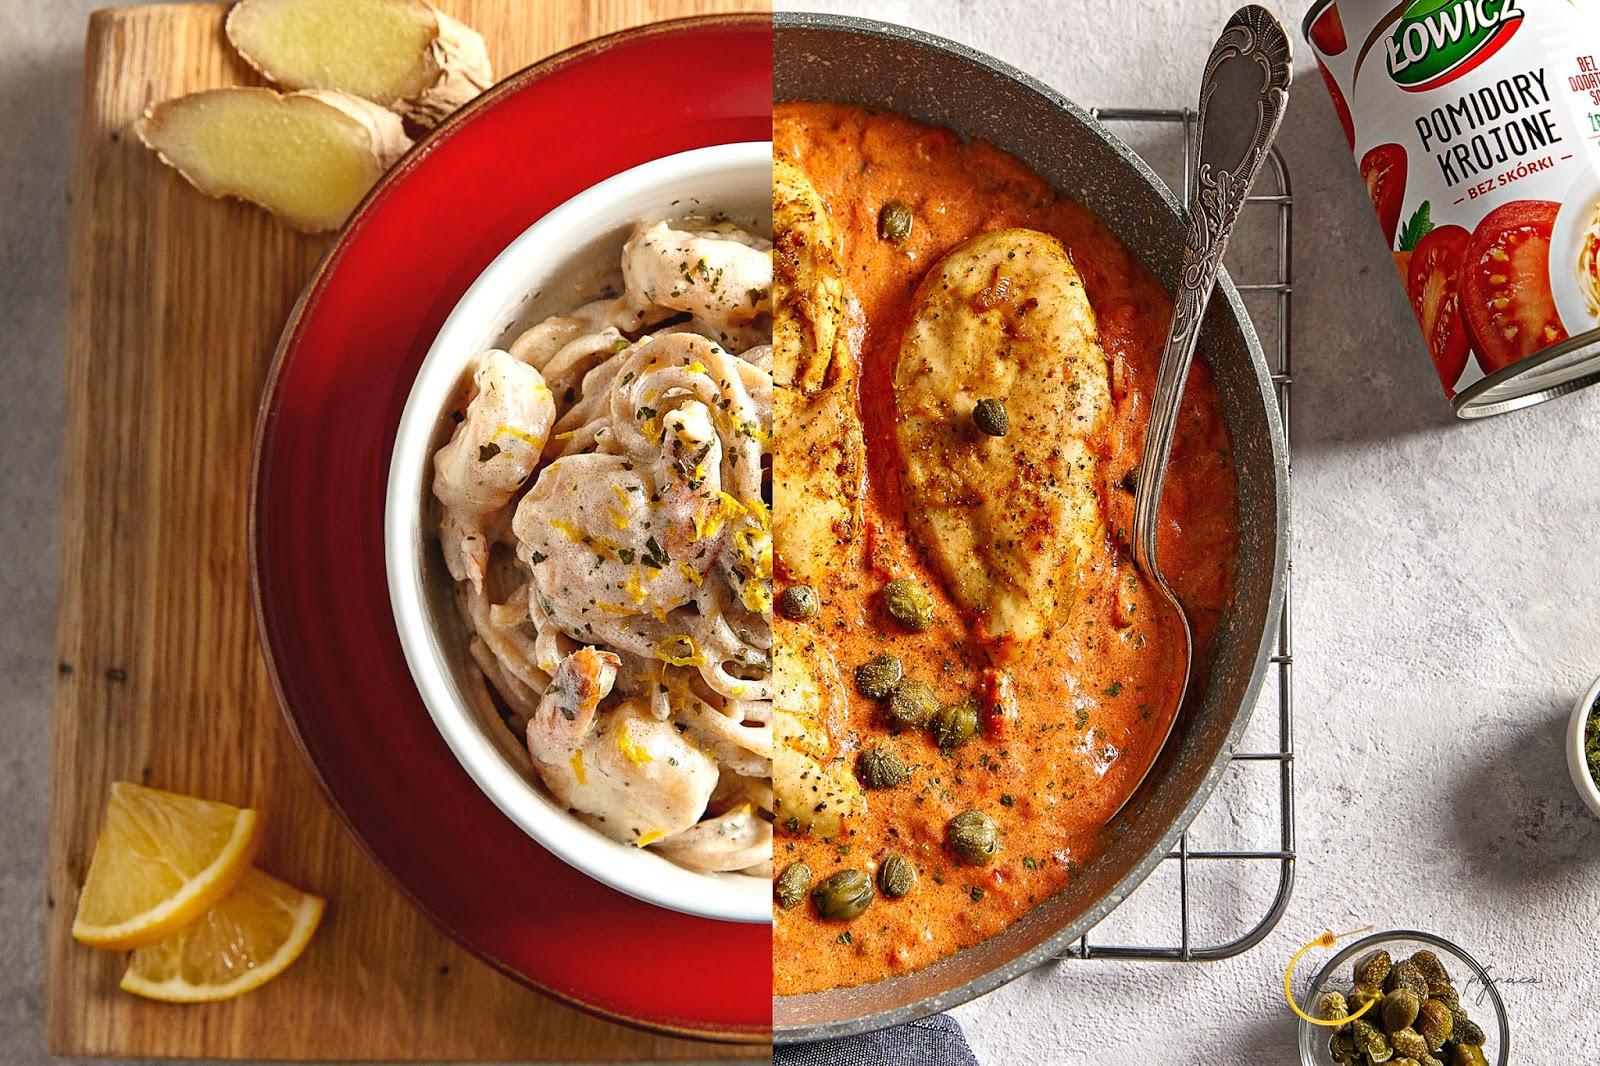 makaron z krewetkami, kurczak w sosie pomidorowym z kaparami, pomidory w puszcze łowicz, spaghetti lubella, kraina miodem płynąca, fotografia kulinarna szczecin